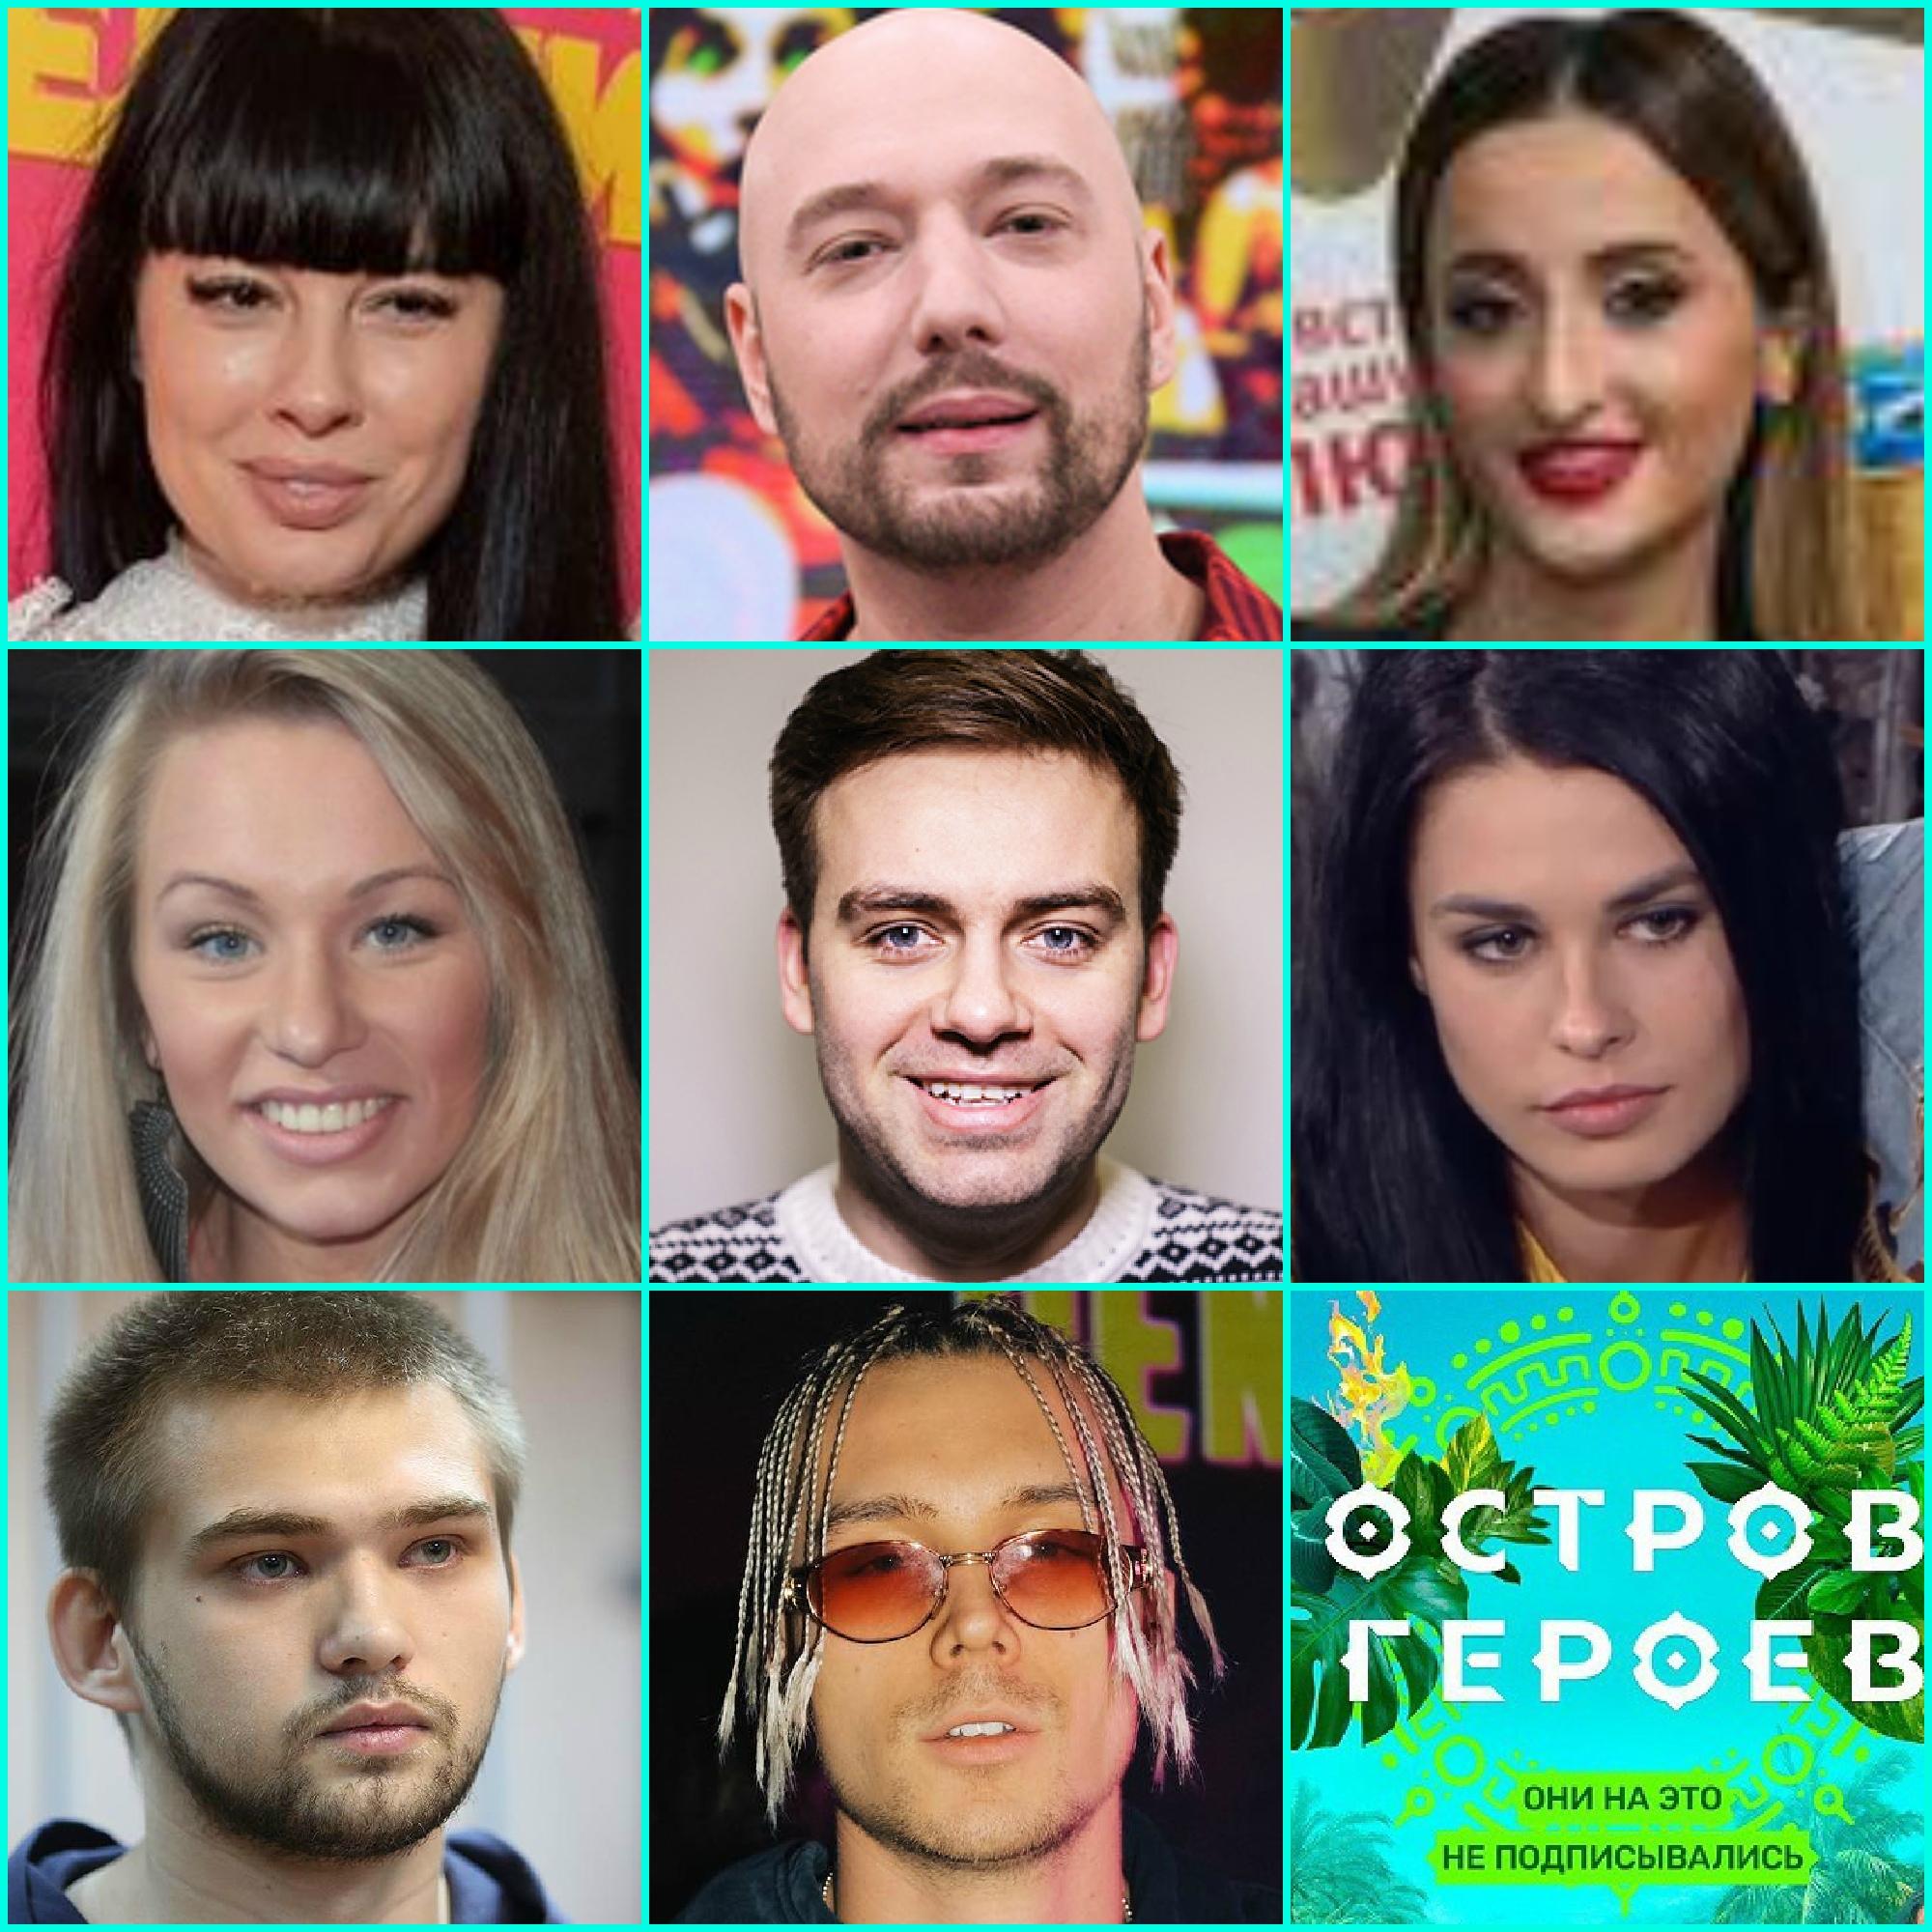 Реалити-шоу Остров Героев на ТНТ кто победил, участники